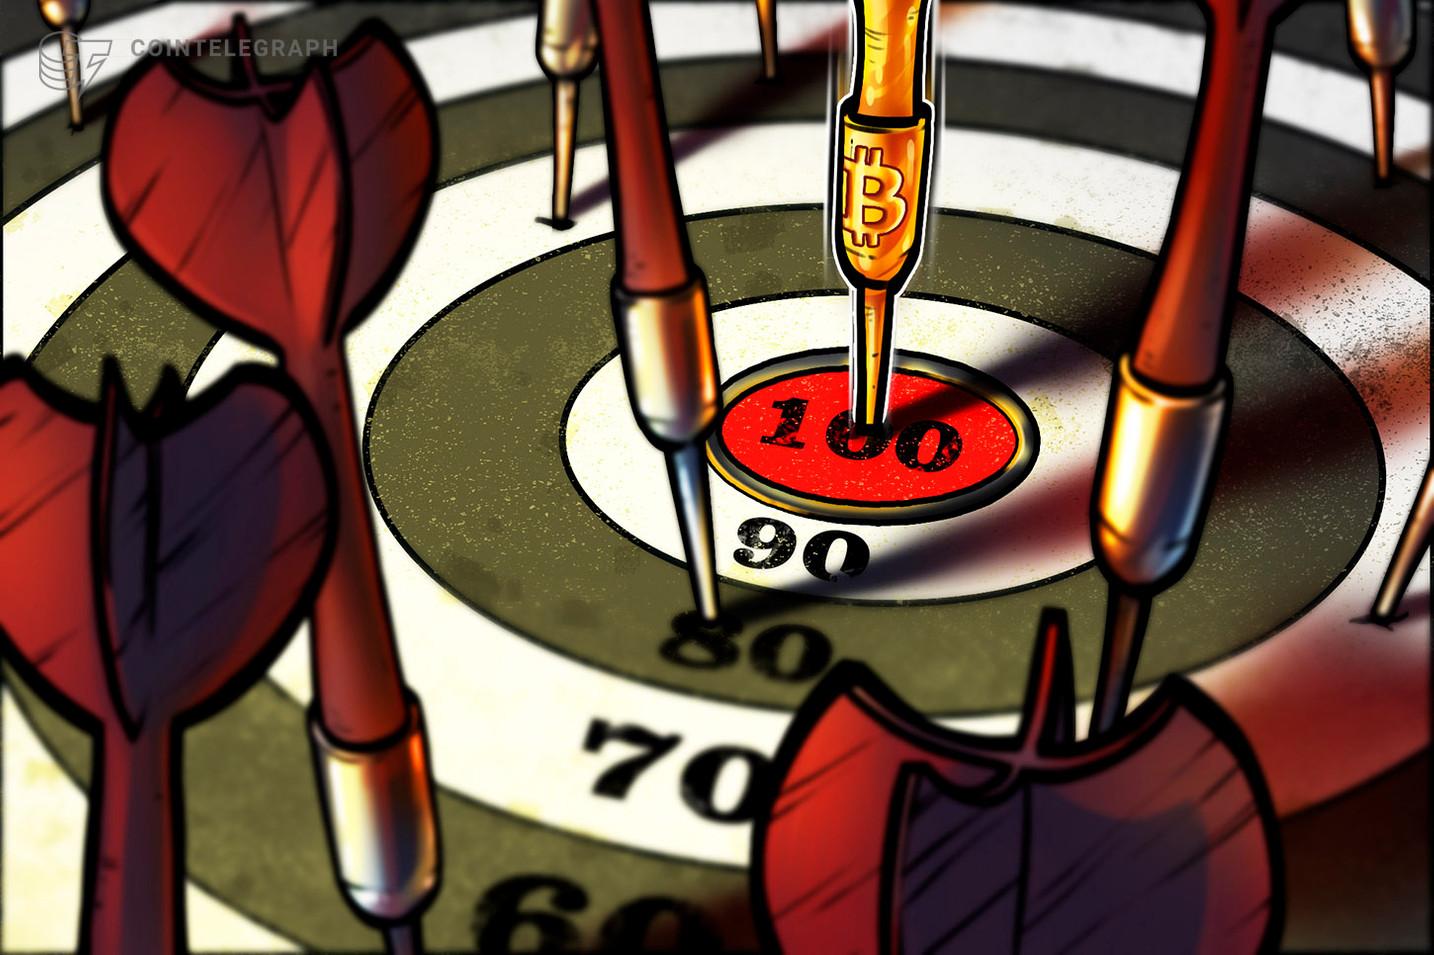 Tesla confirma estratégia de hodl em Bitcoin e novo relatório diz que o BTC deve 'confortavelmente' atingir US$ 100 mil